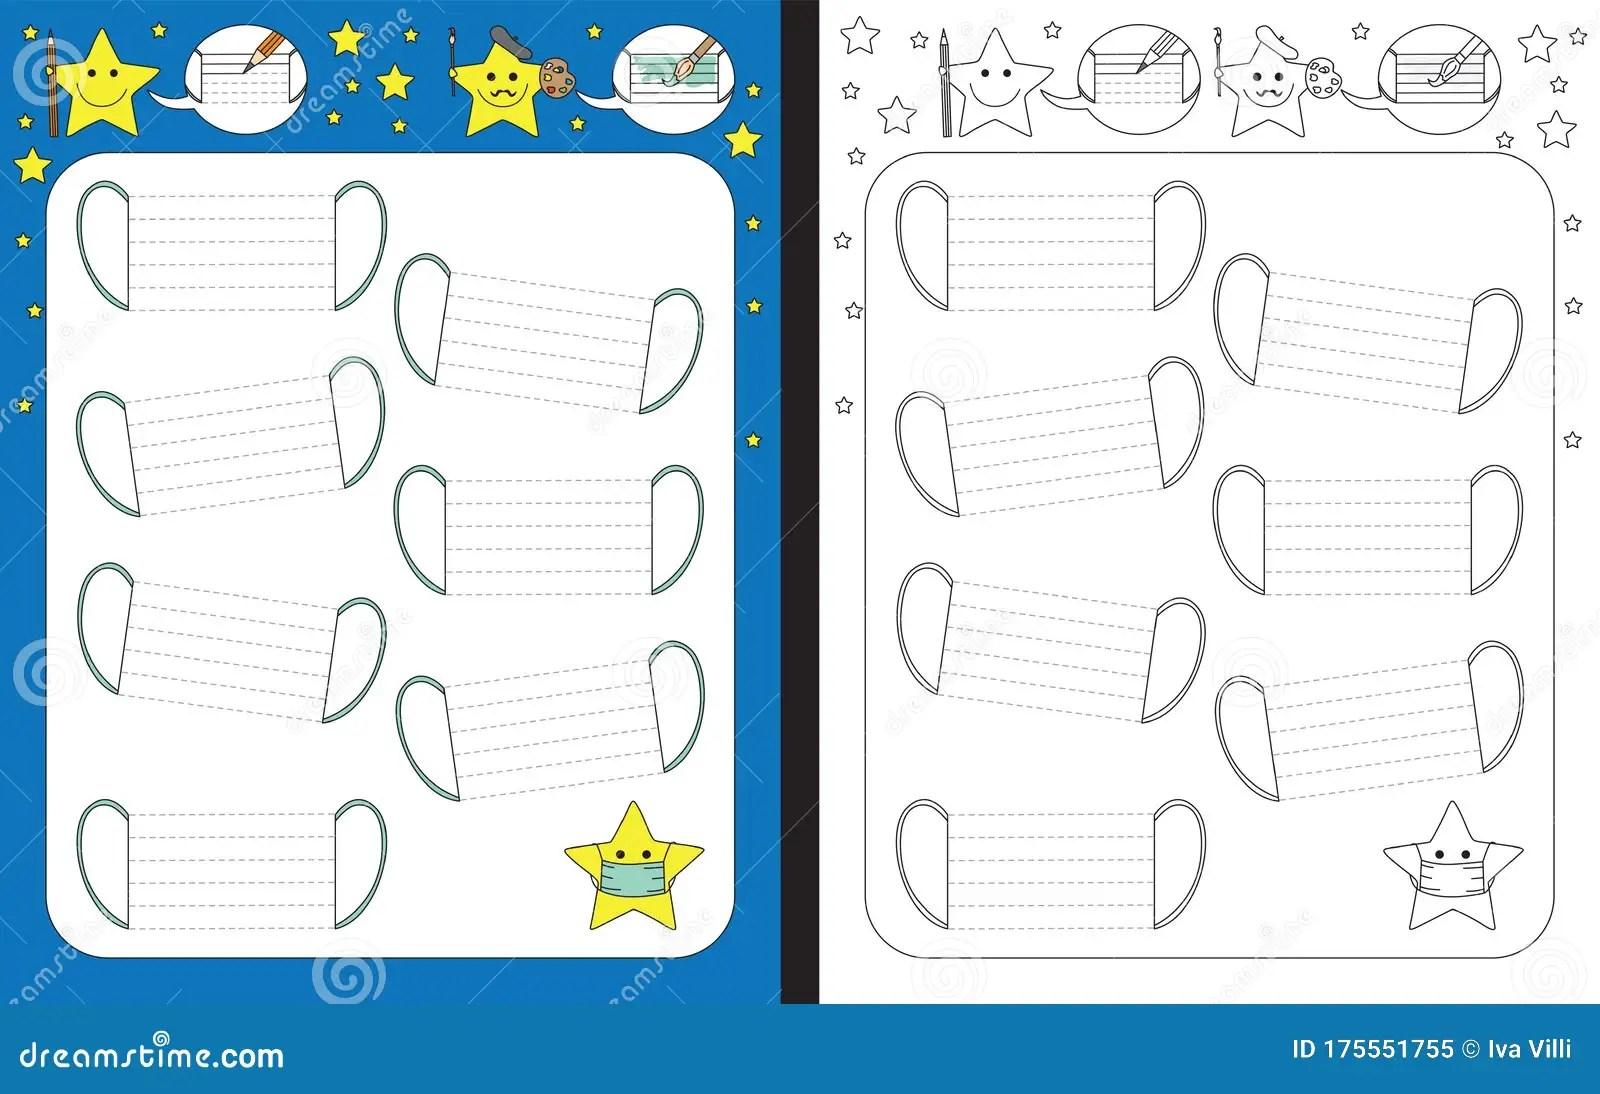 Preschool Worksheet Stock Vector Illustration Of Practice